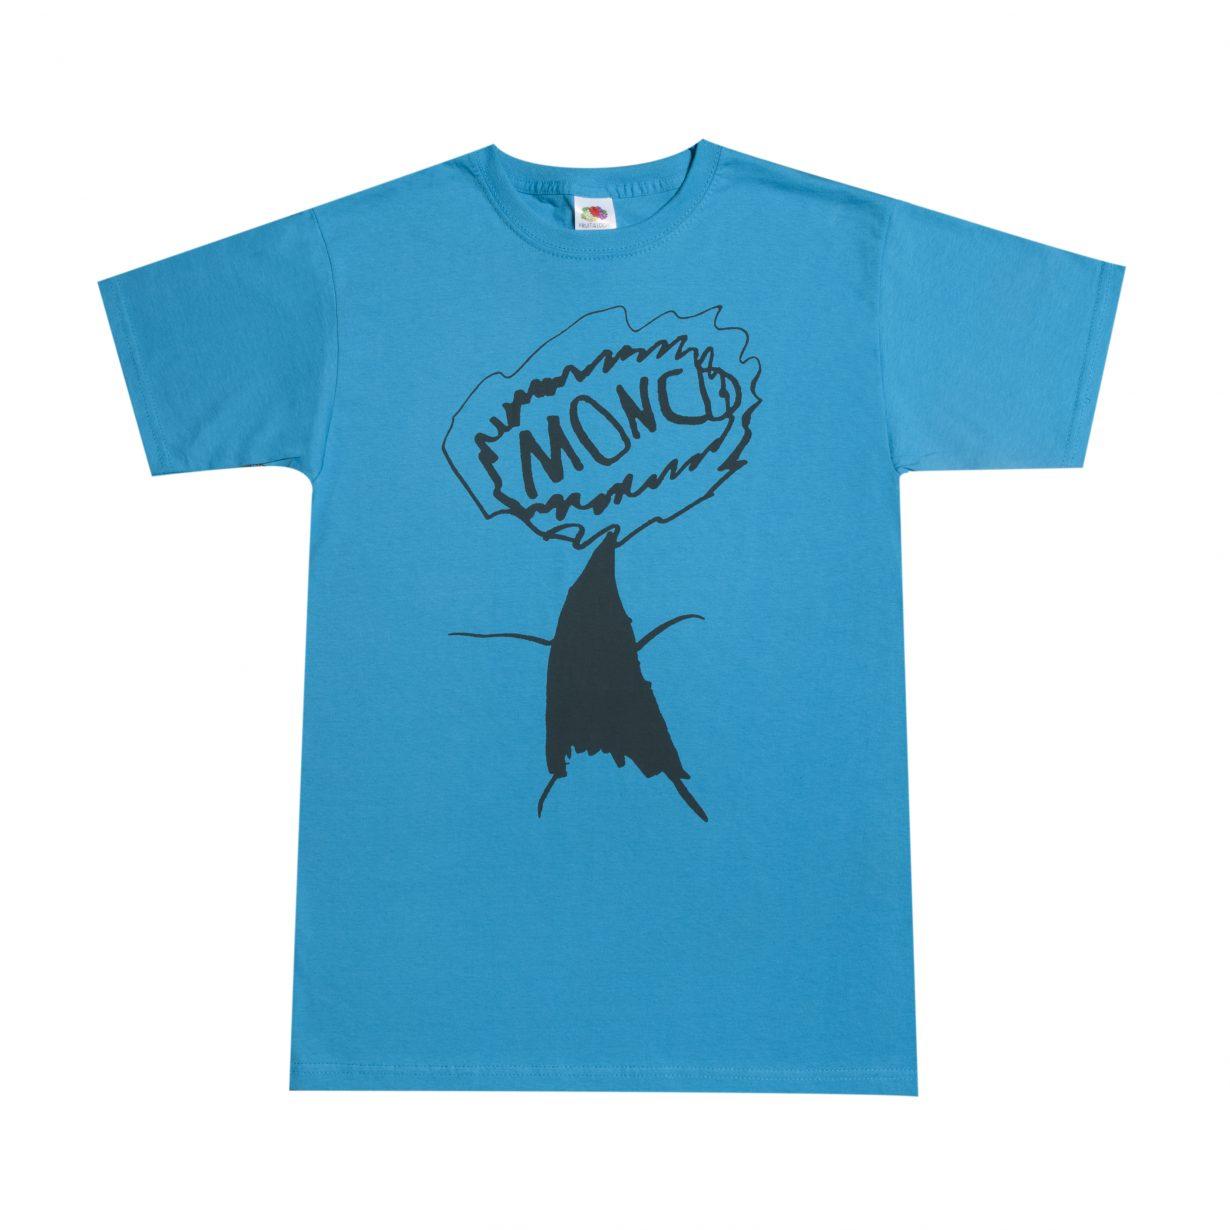 acheter en ligne 08012 a3c6d TShirt Pool - Monster T-Shirt